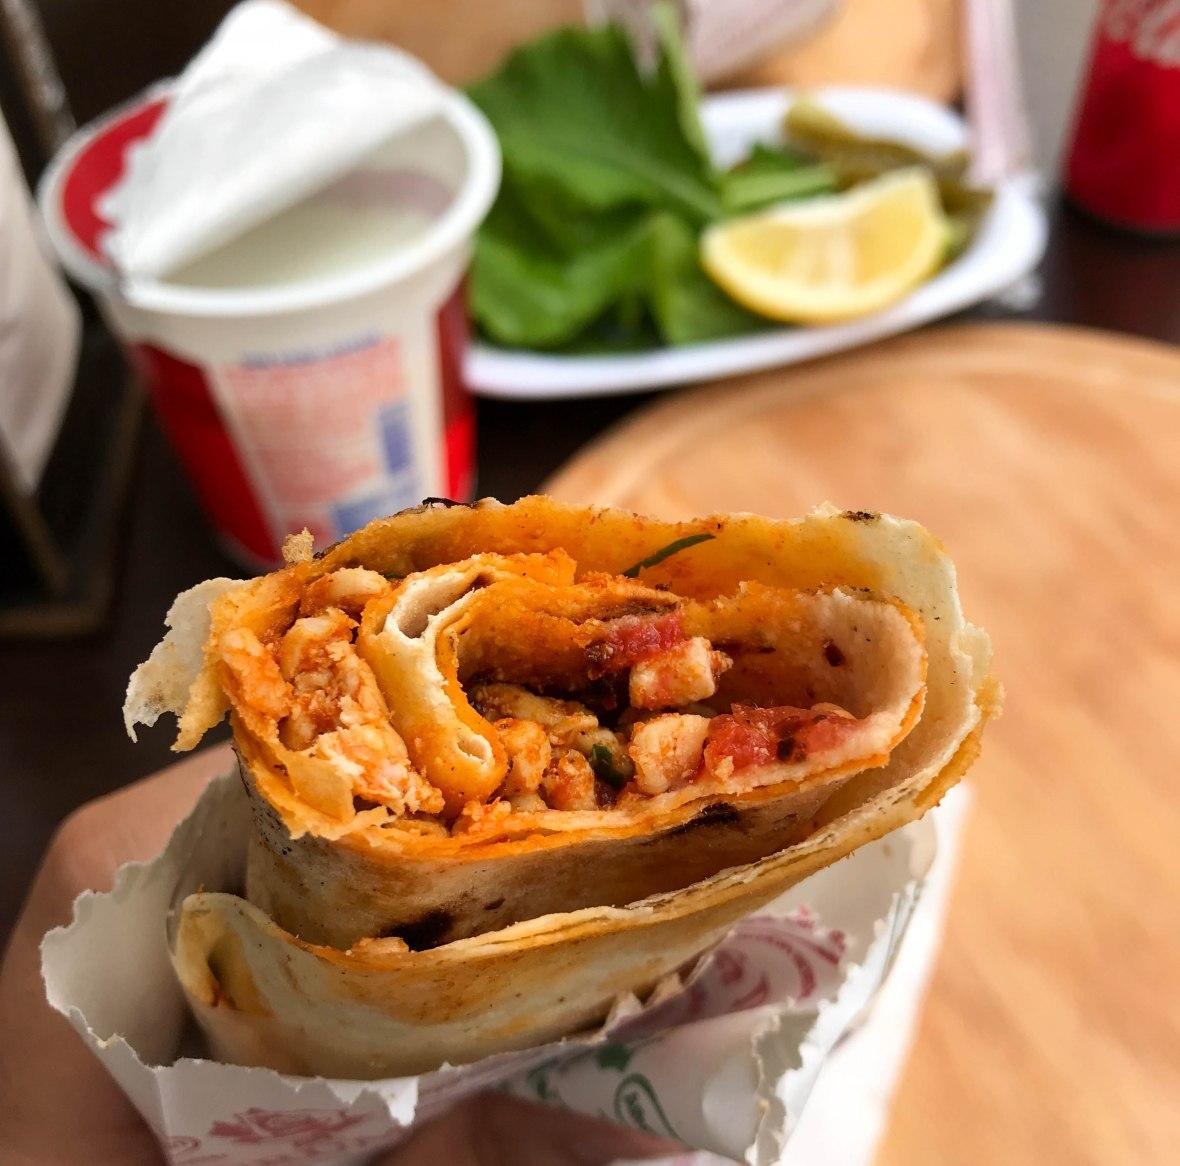 chicken tantuni wrap, dürúmcü nihat usta, istanbul, turkey